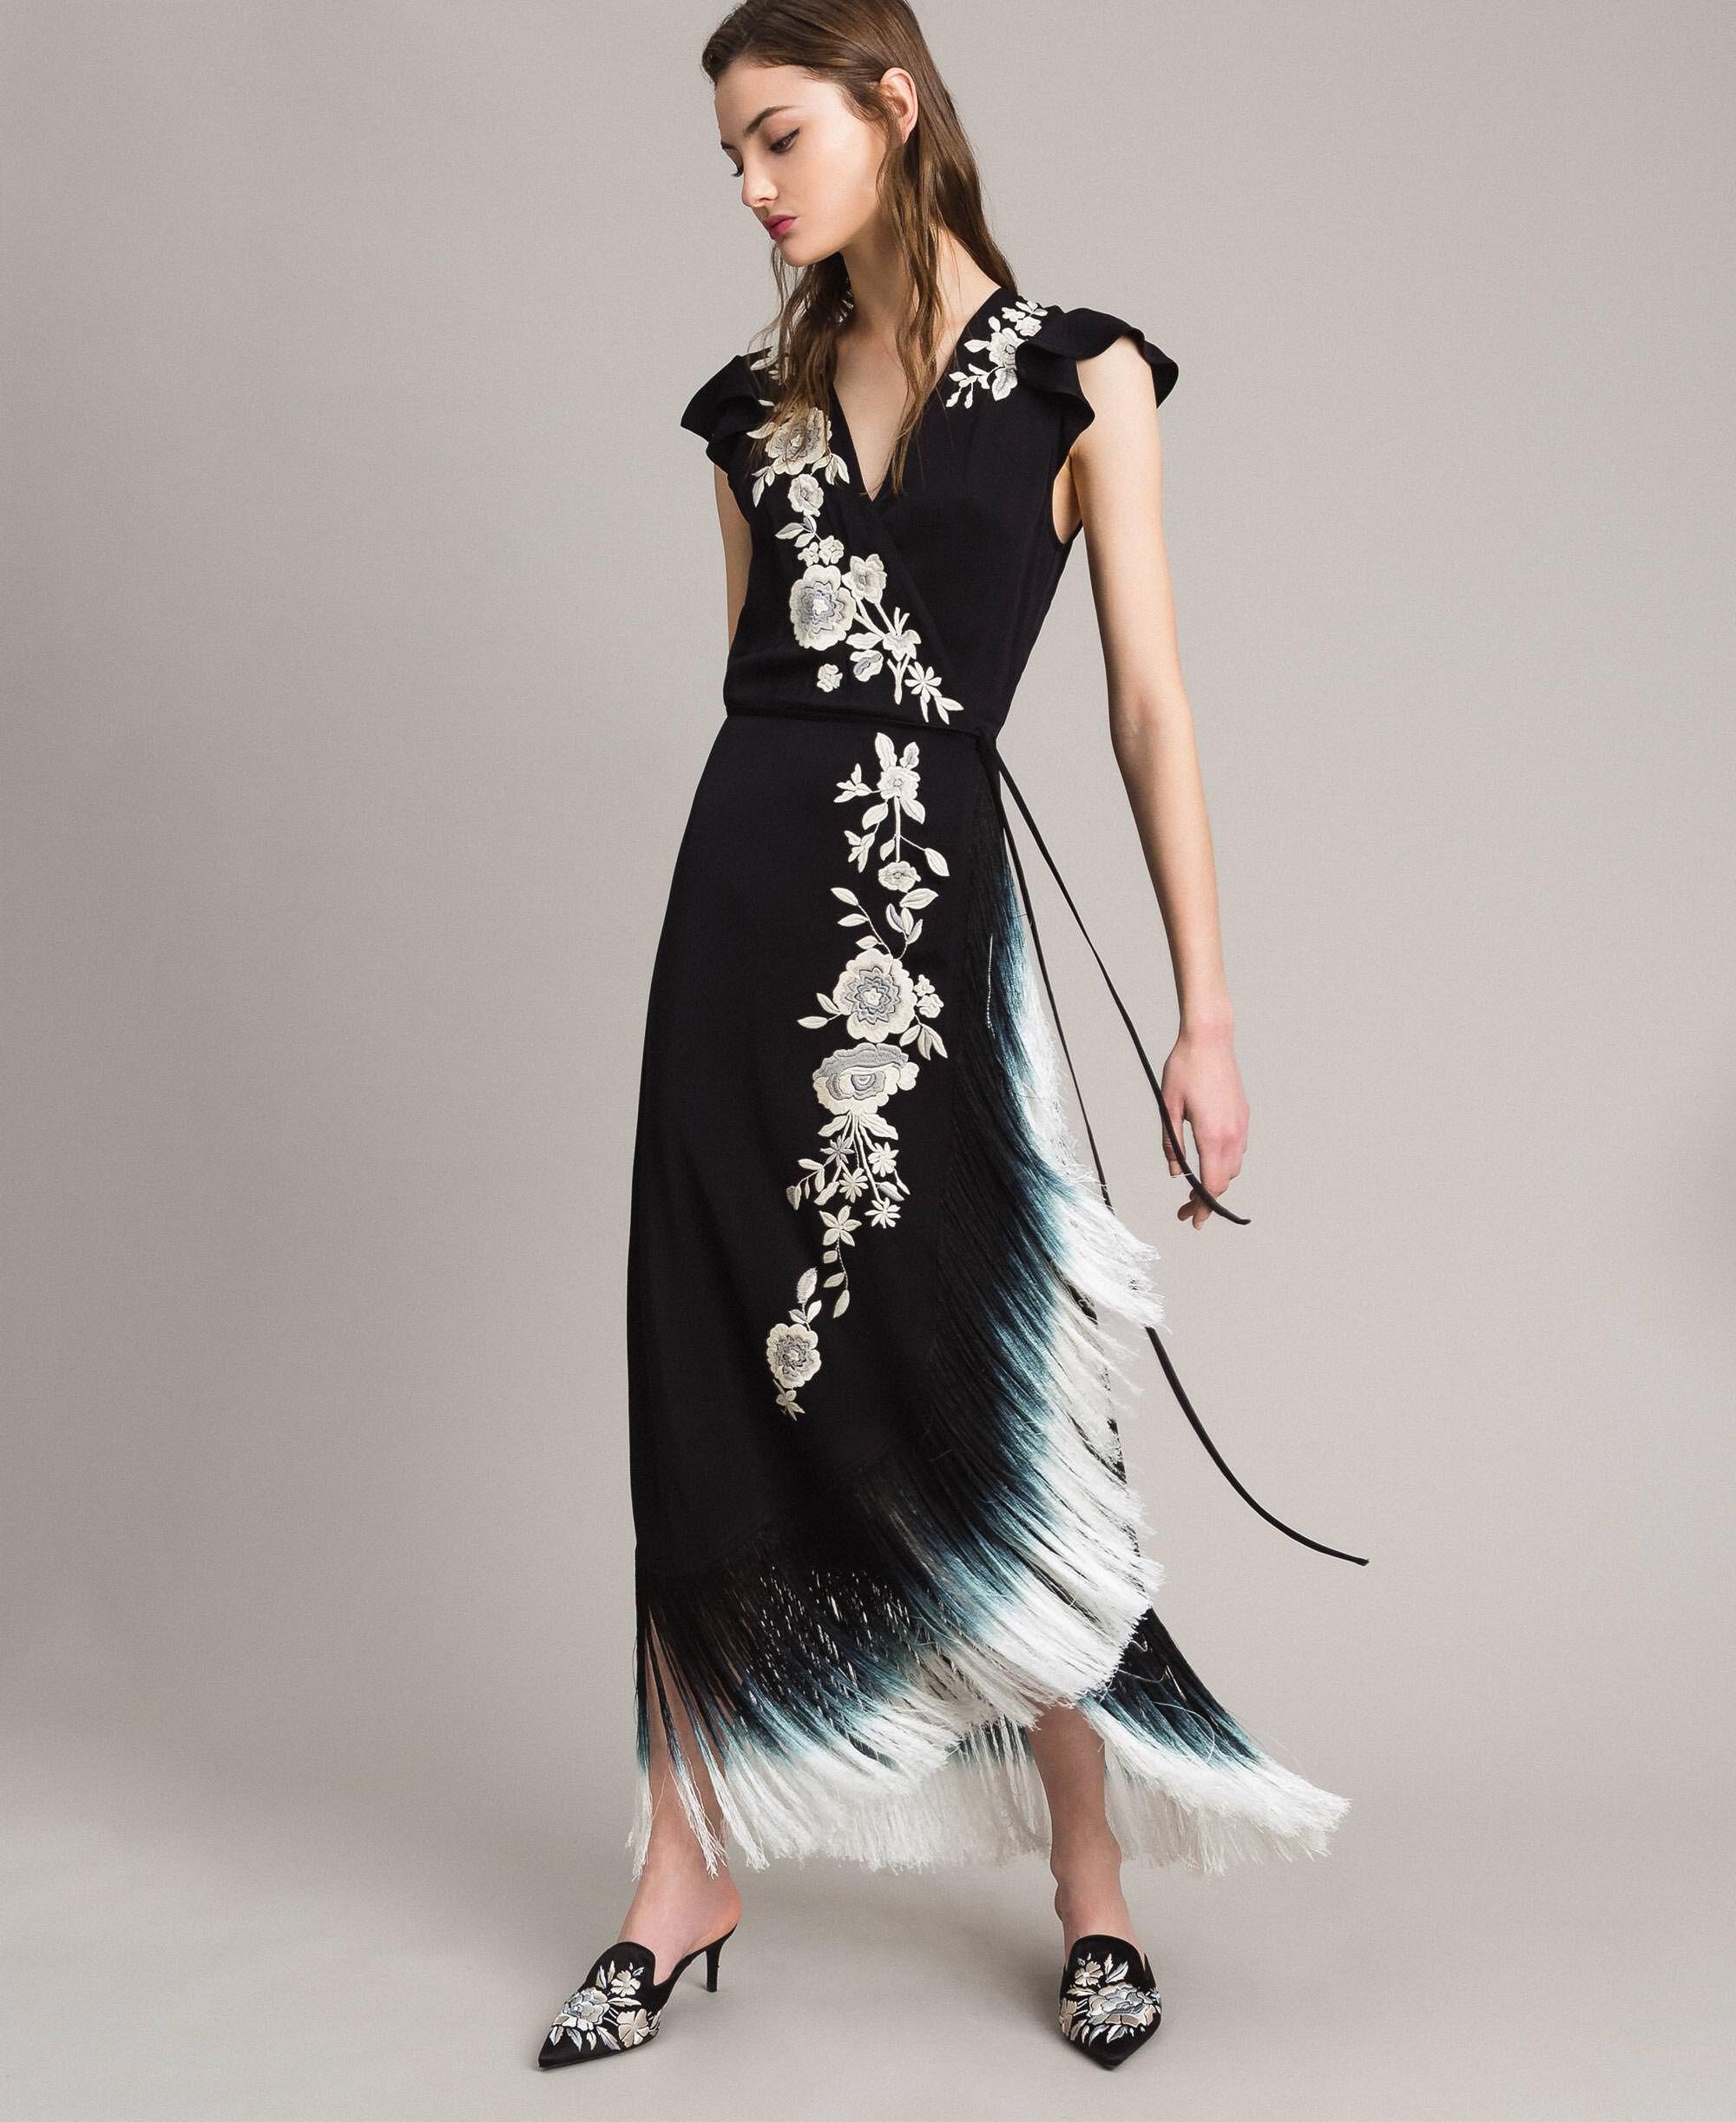 46e6a979f01e Vestiti eleganti Donna - Primavera Estate 2019